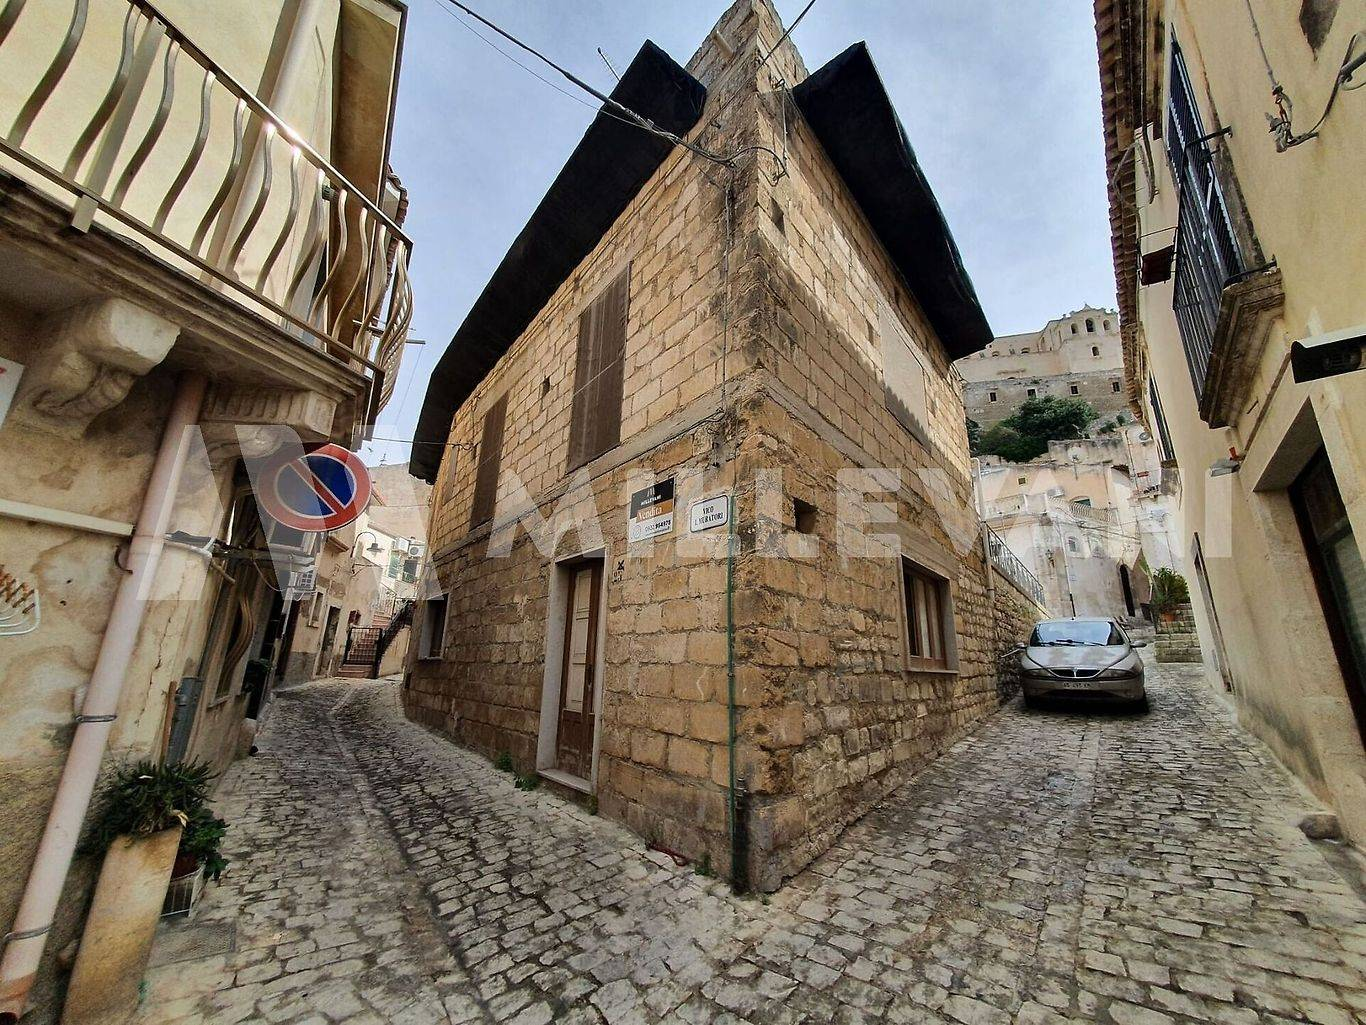 Albergo in vendita a Scicli, 5 locali, zona Località: SanMatteo, prezzo € 150.000 | CambioCasa.it